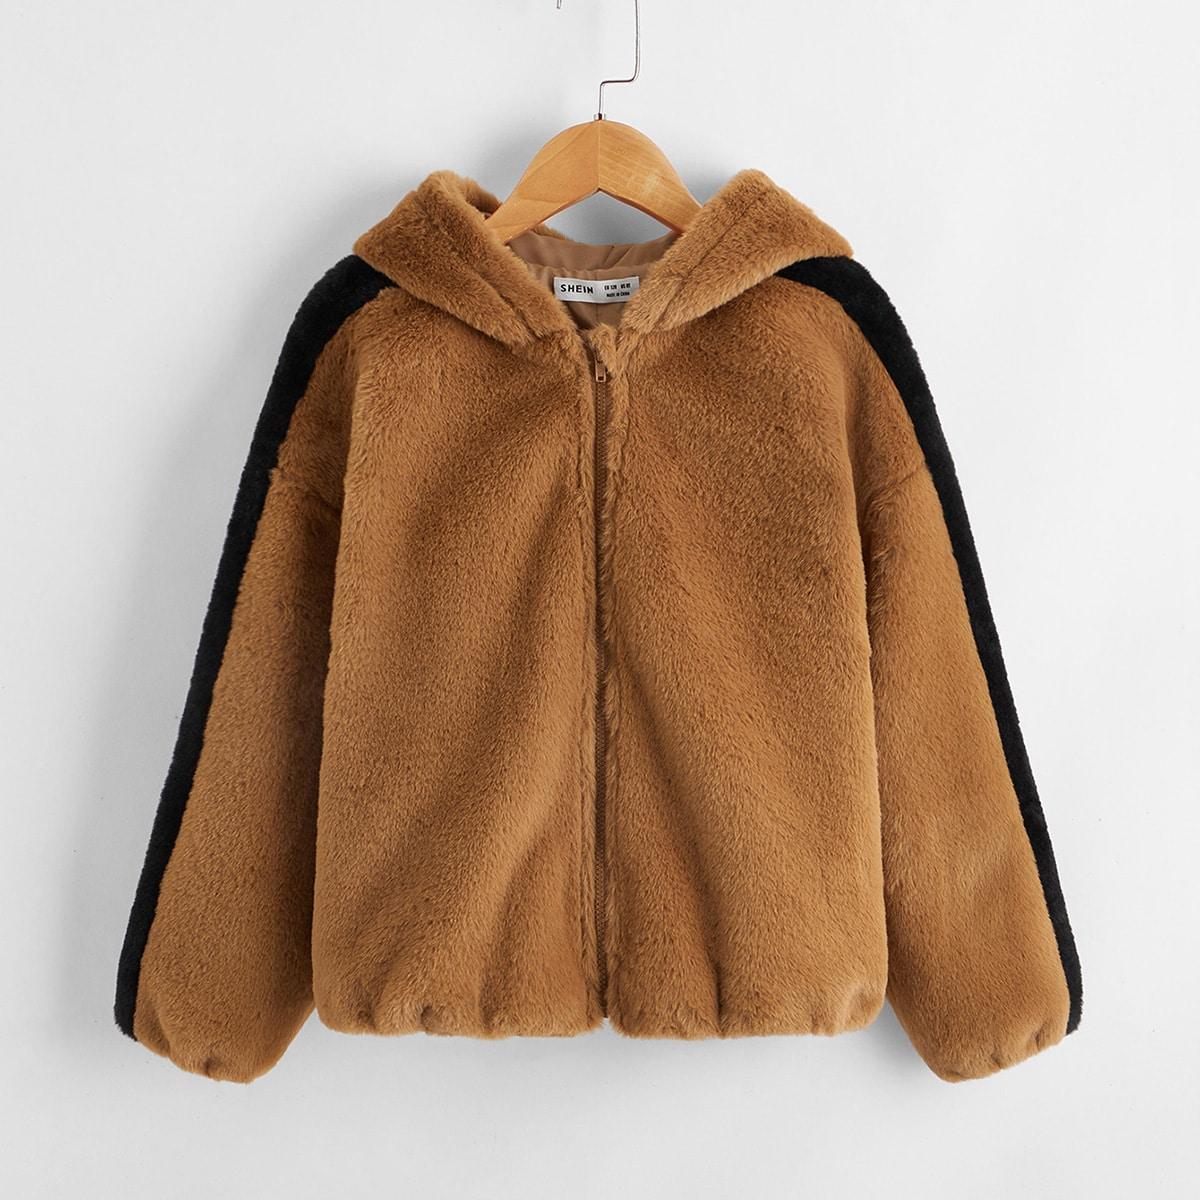 SHEIN / Mantel mit Kontrast, seitlicher Naht und Kunstpelz